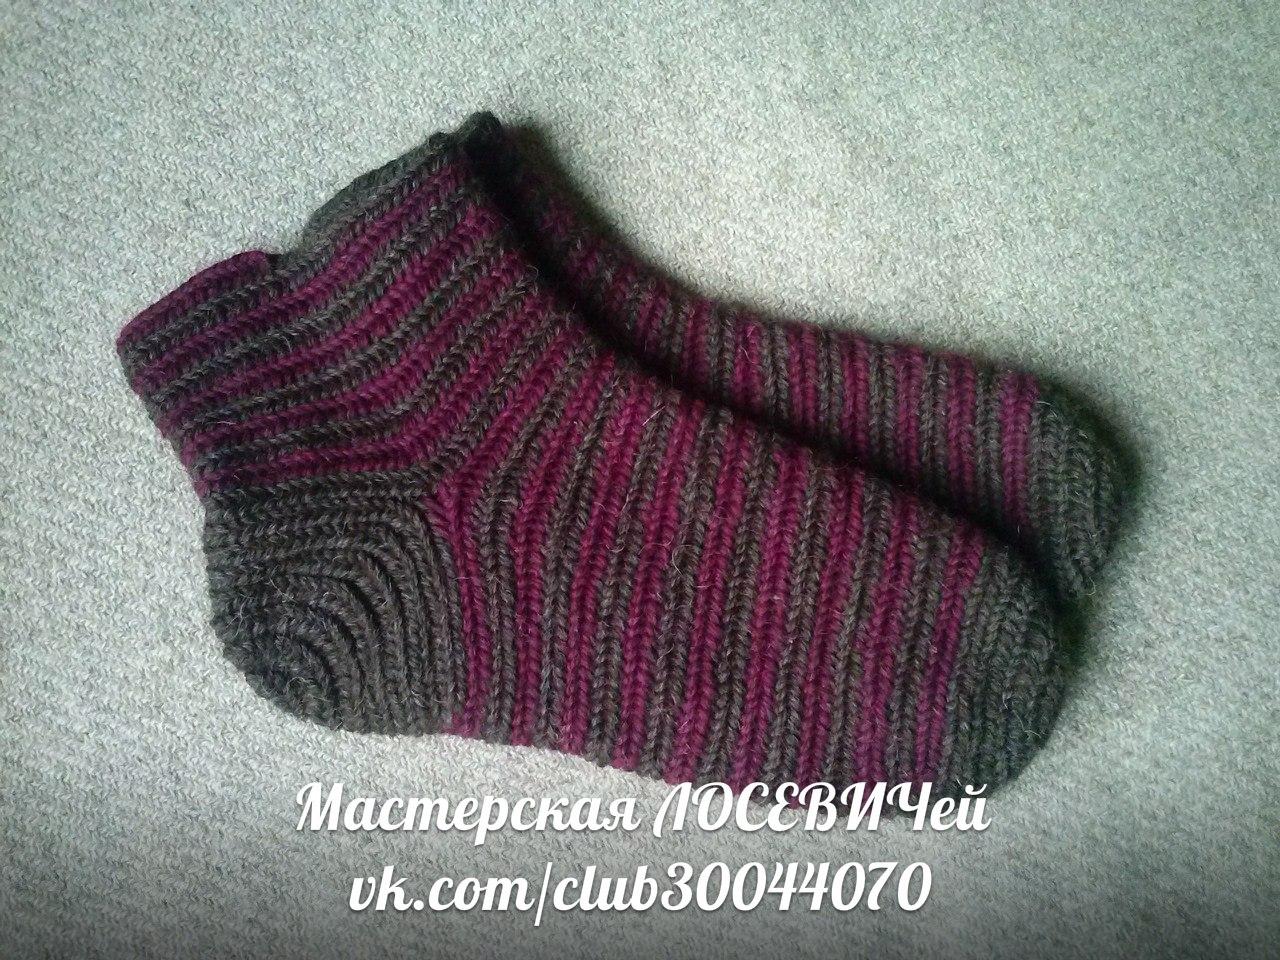 http://cs605122.vk.me/v605122167/254c/0jNuBF6efnE.jpg